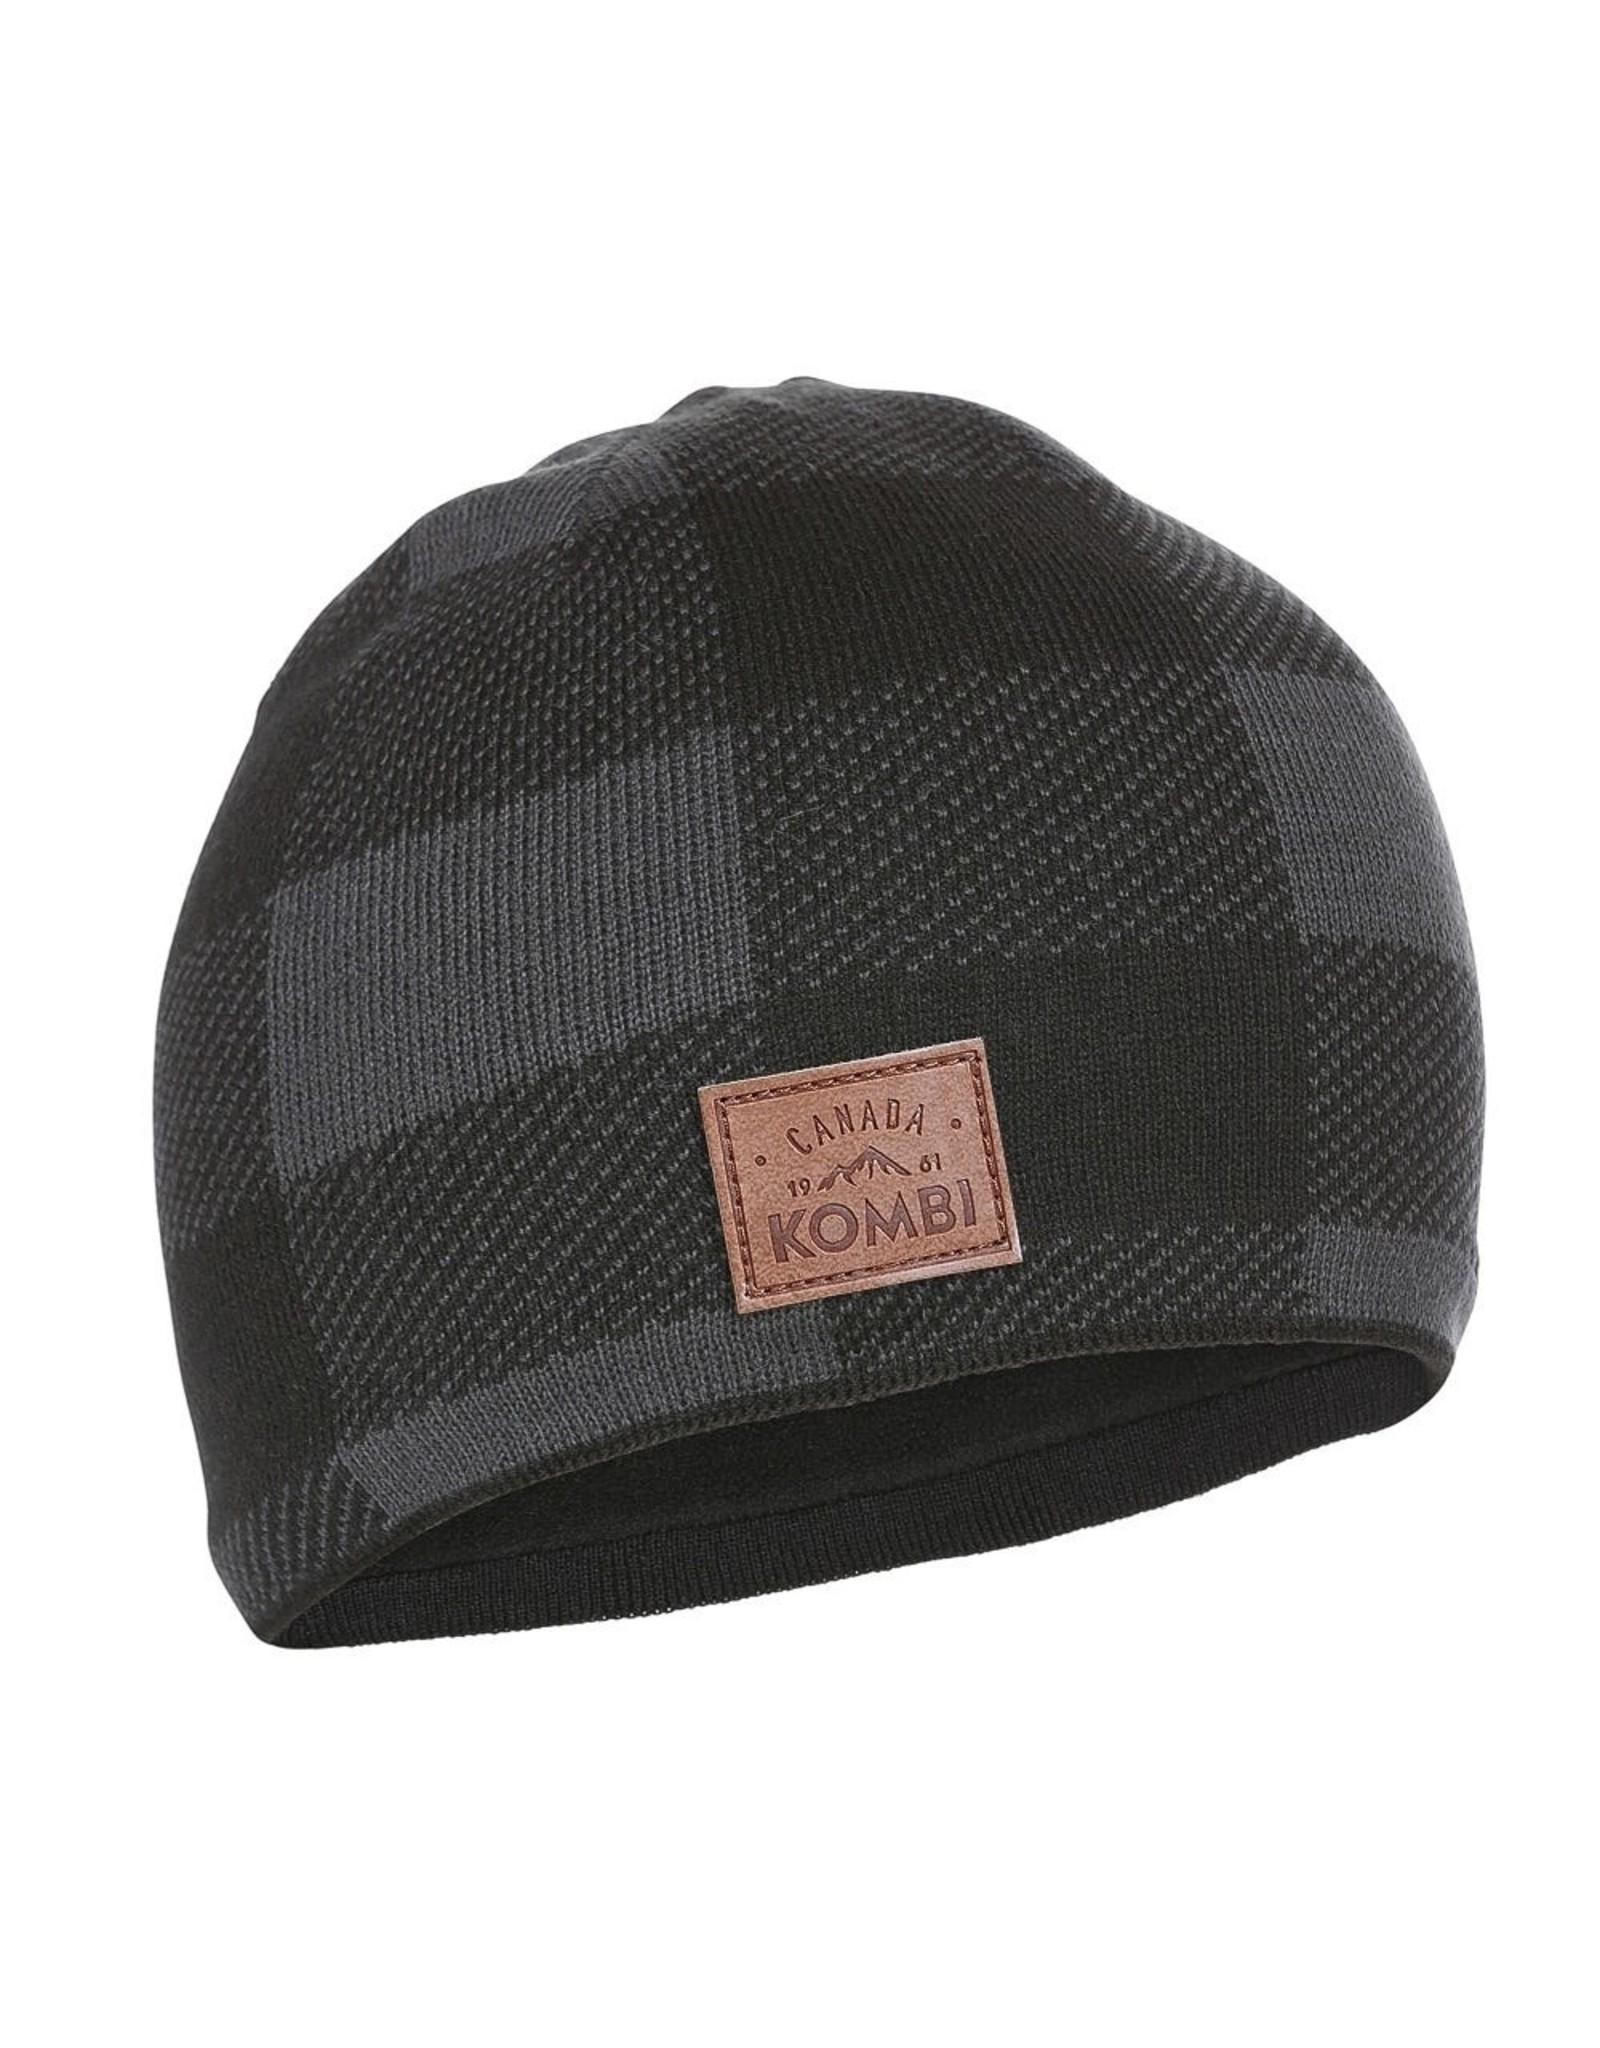 Kombi Kombi Buffalo Plaid Adult Hat